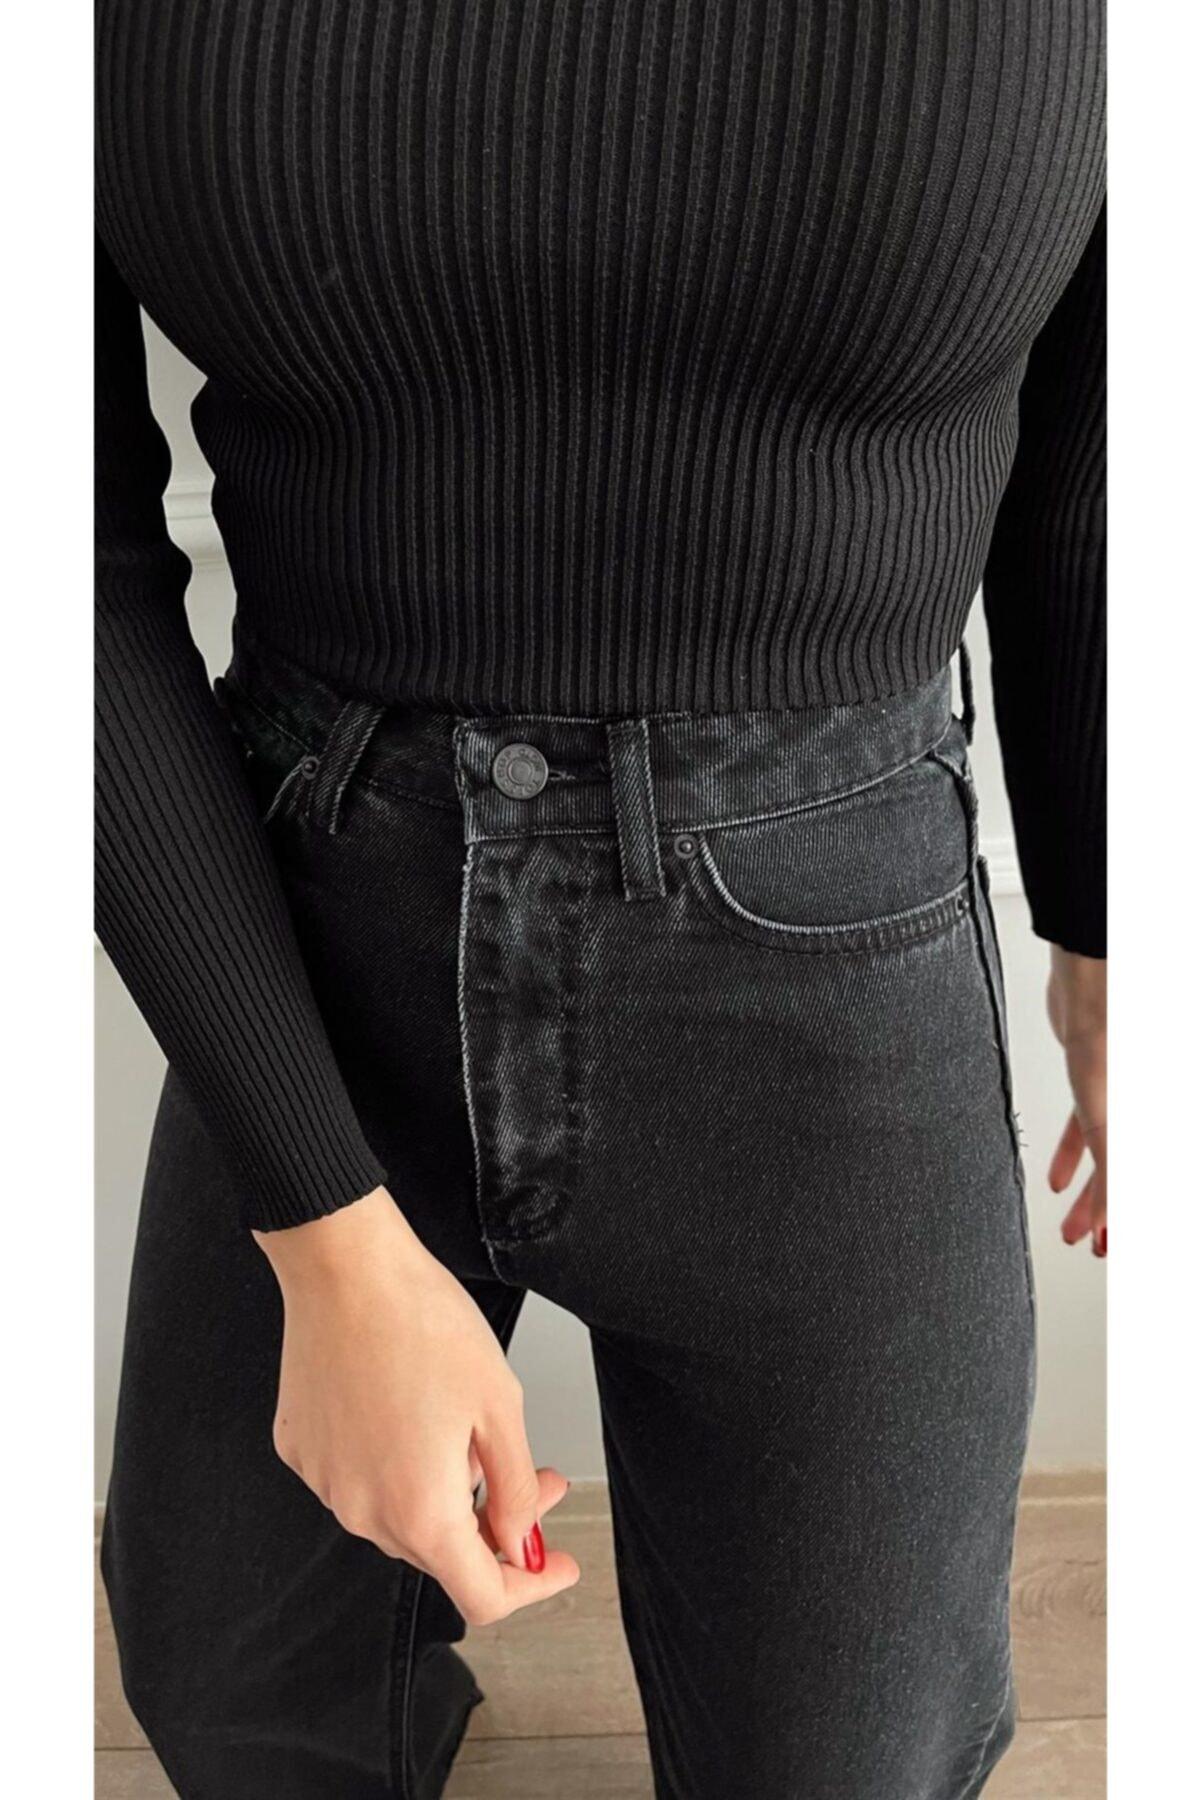 شلوار جین زنانه ترکیه برند DENİMKOLİK رنگ لاجوردی کد ty83088318